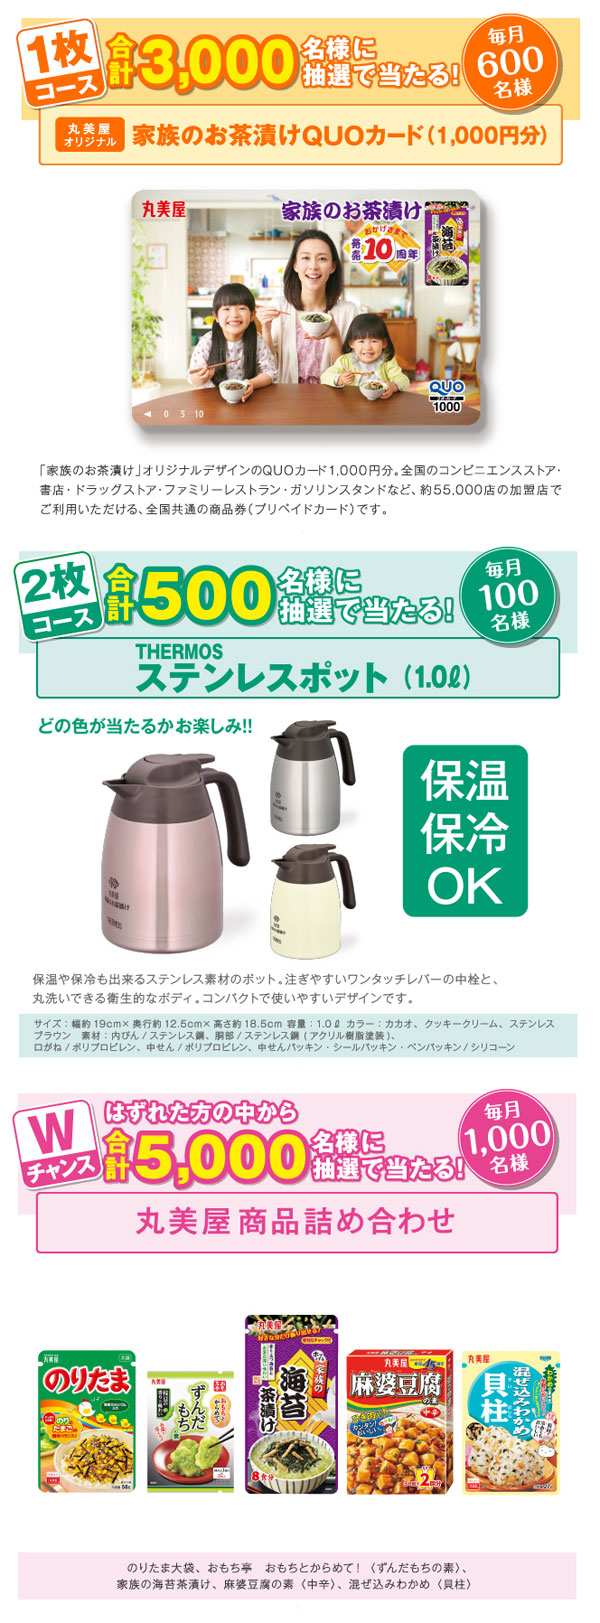 家族のお茶漬けキャンペーン プレゼント賞品